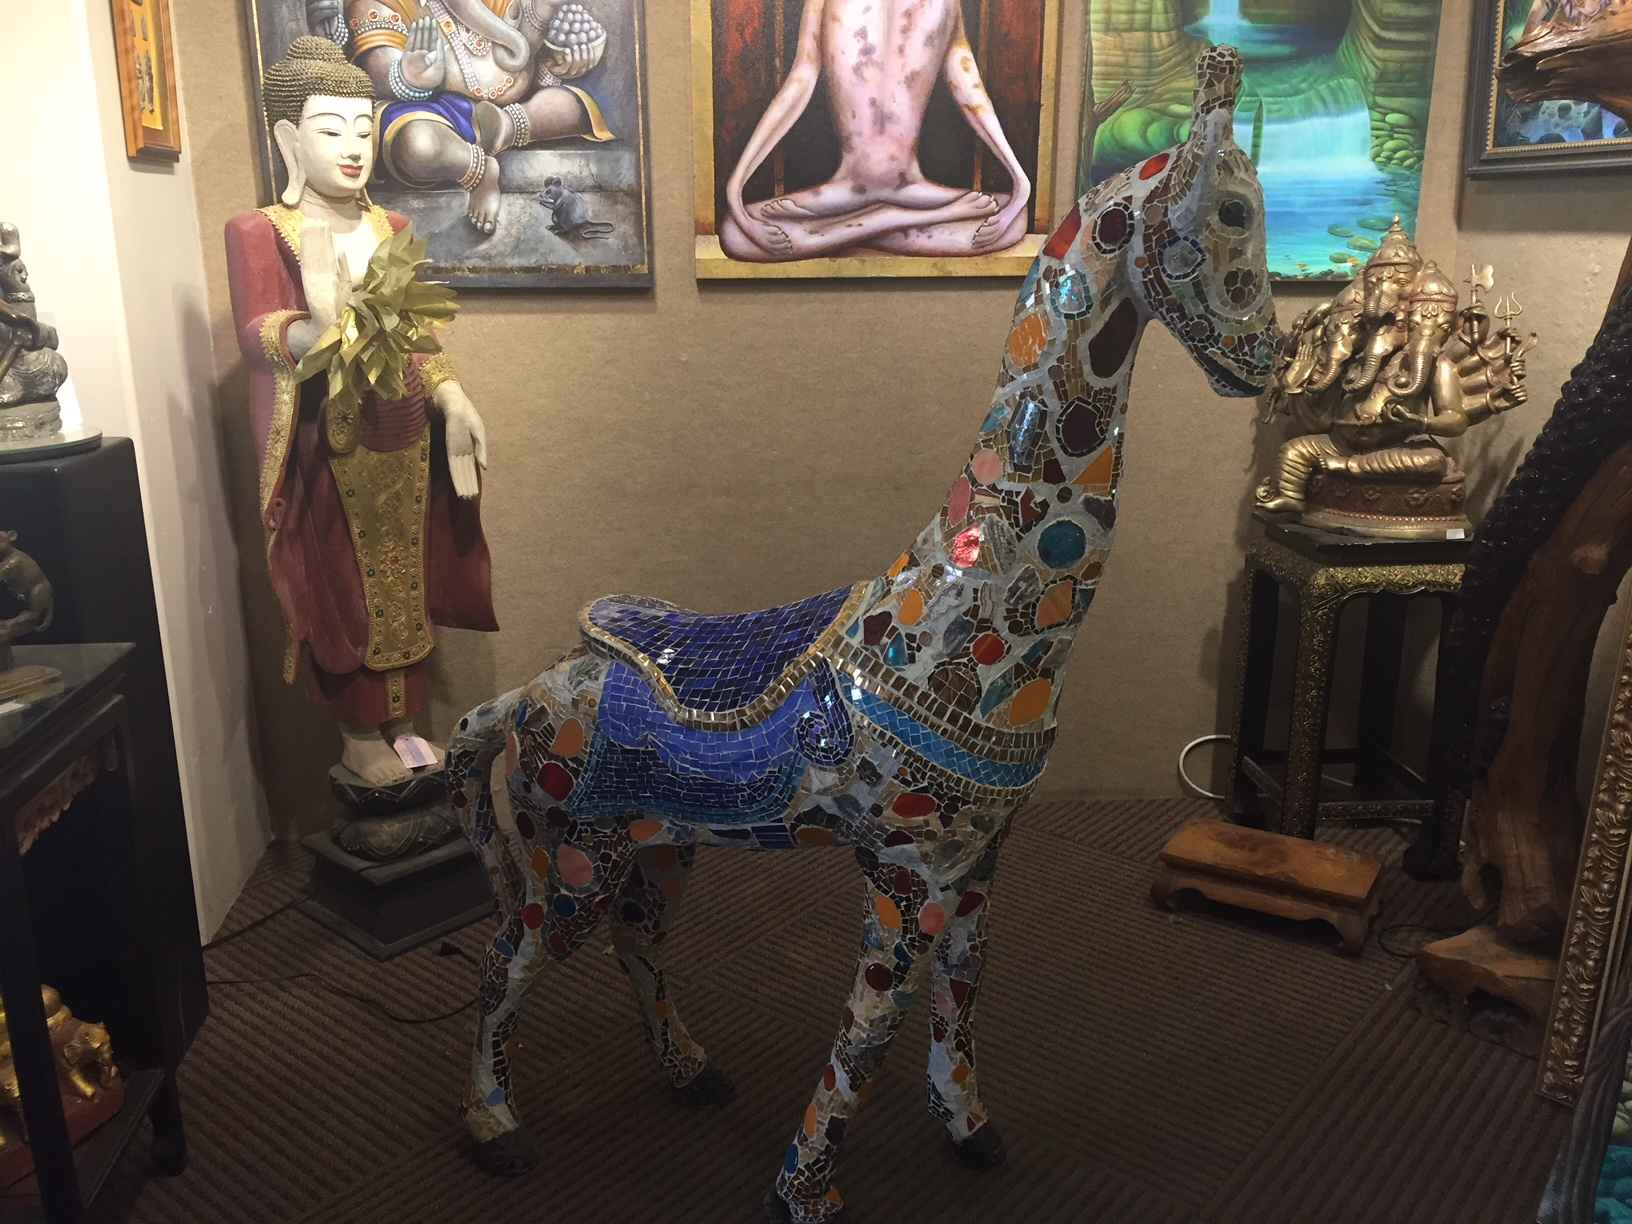 Kiko the Giraffe by  Gala Kraftsow - Masterpiece Online